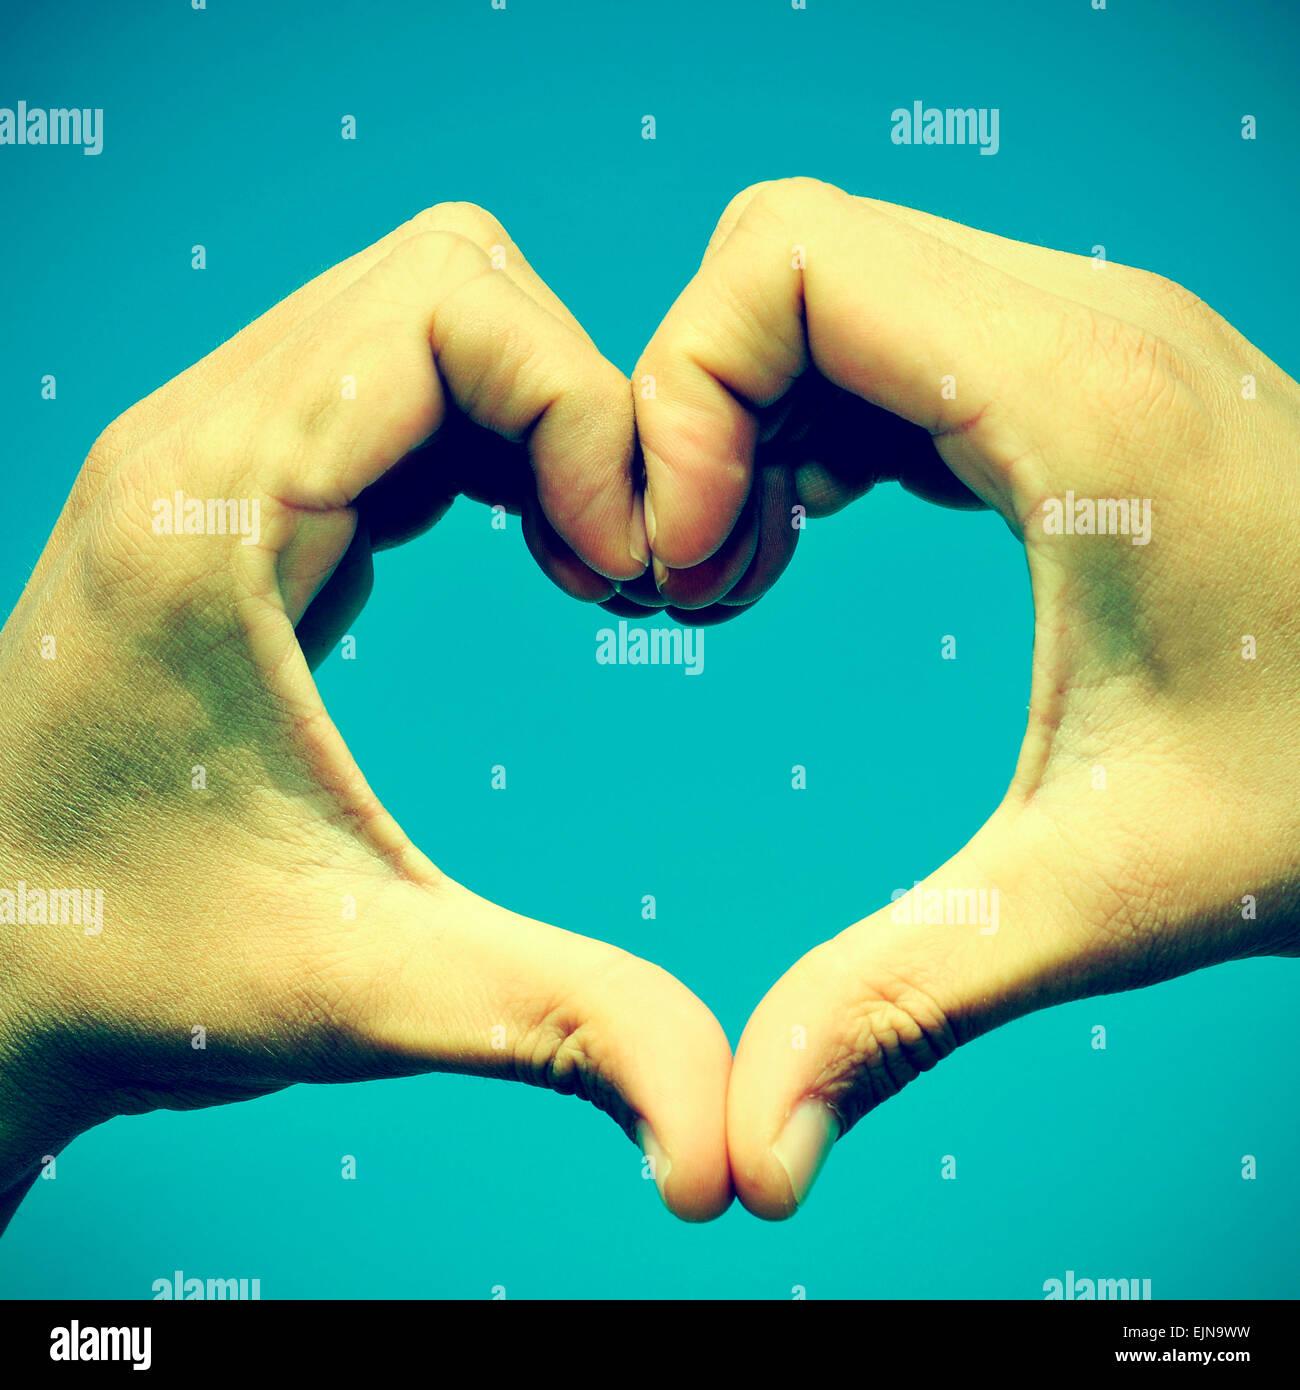 Foto di man mano formando un cuore oltre il cielo blu, con un effetto retrò Immagini Stock